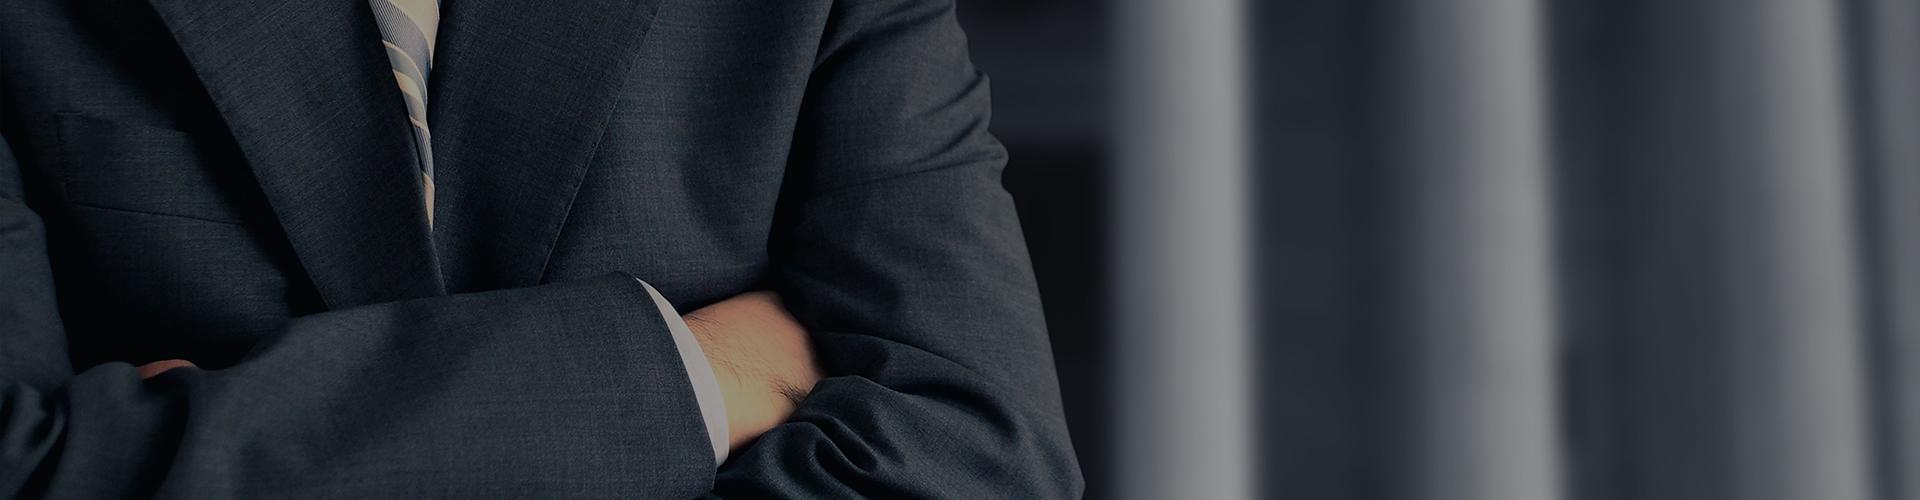 Nuestro equipo está capacitado para el asesoramiento, intervención y defensa judicial, tanto a empresas como a personas físicas.